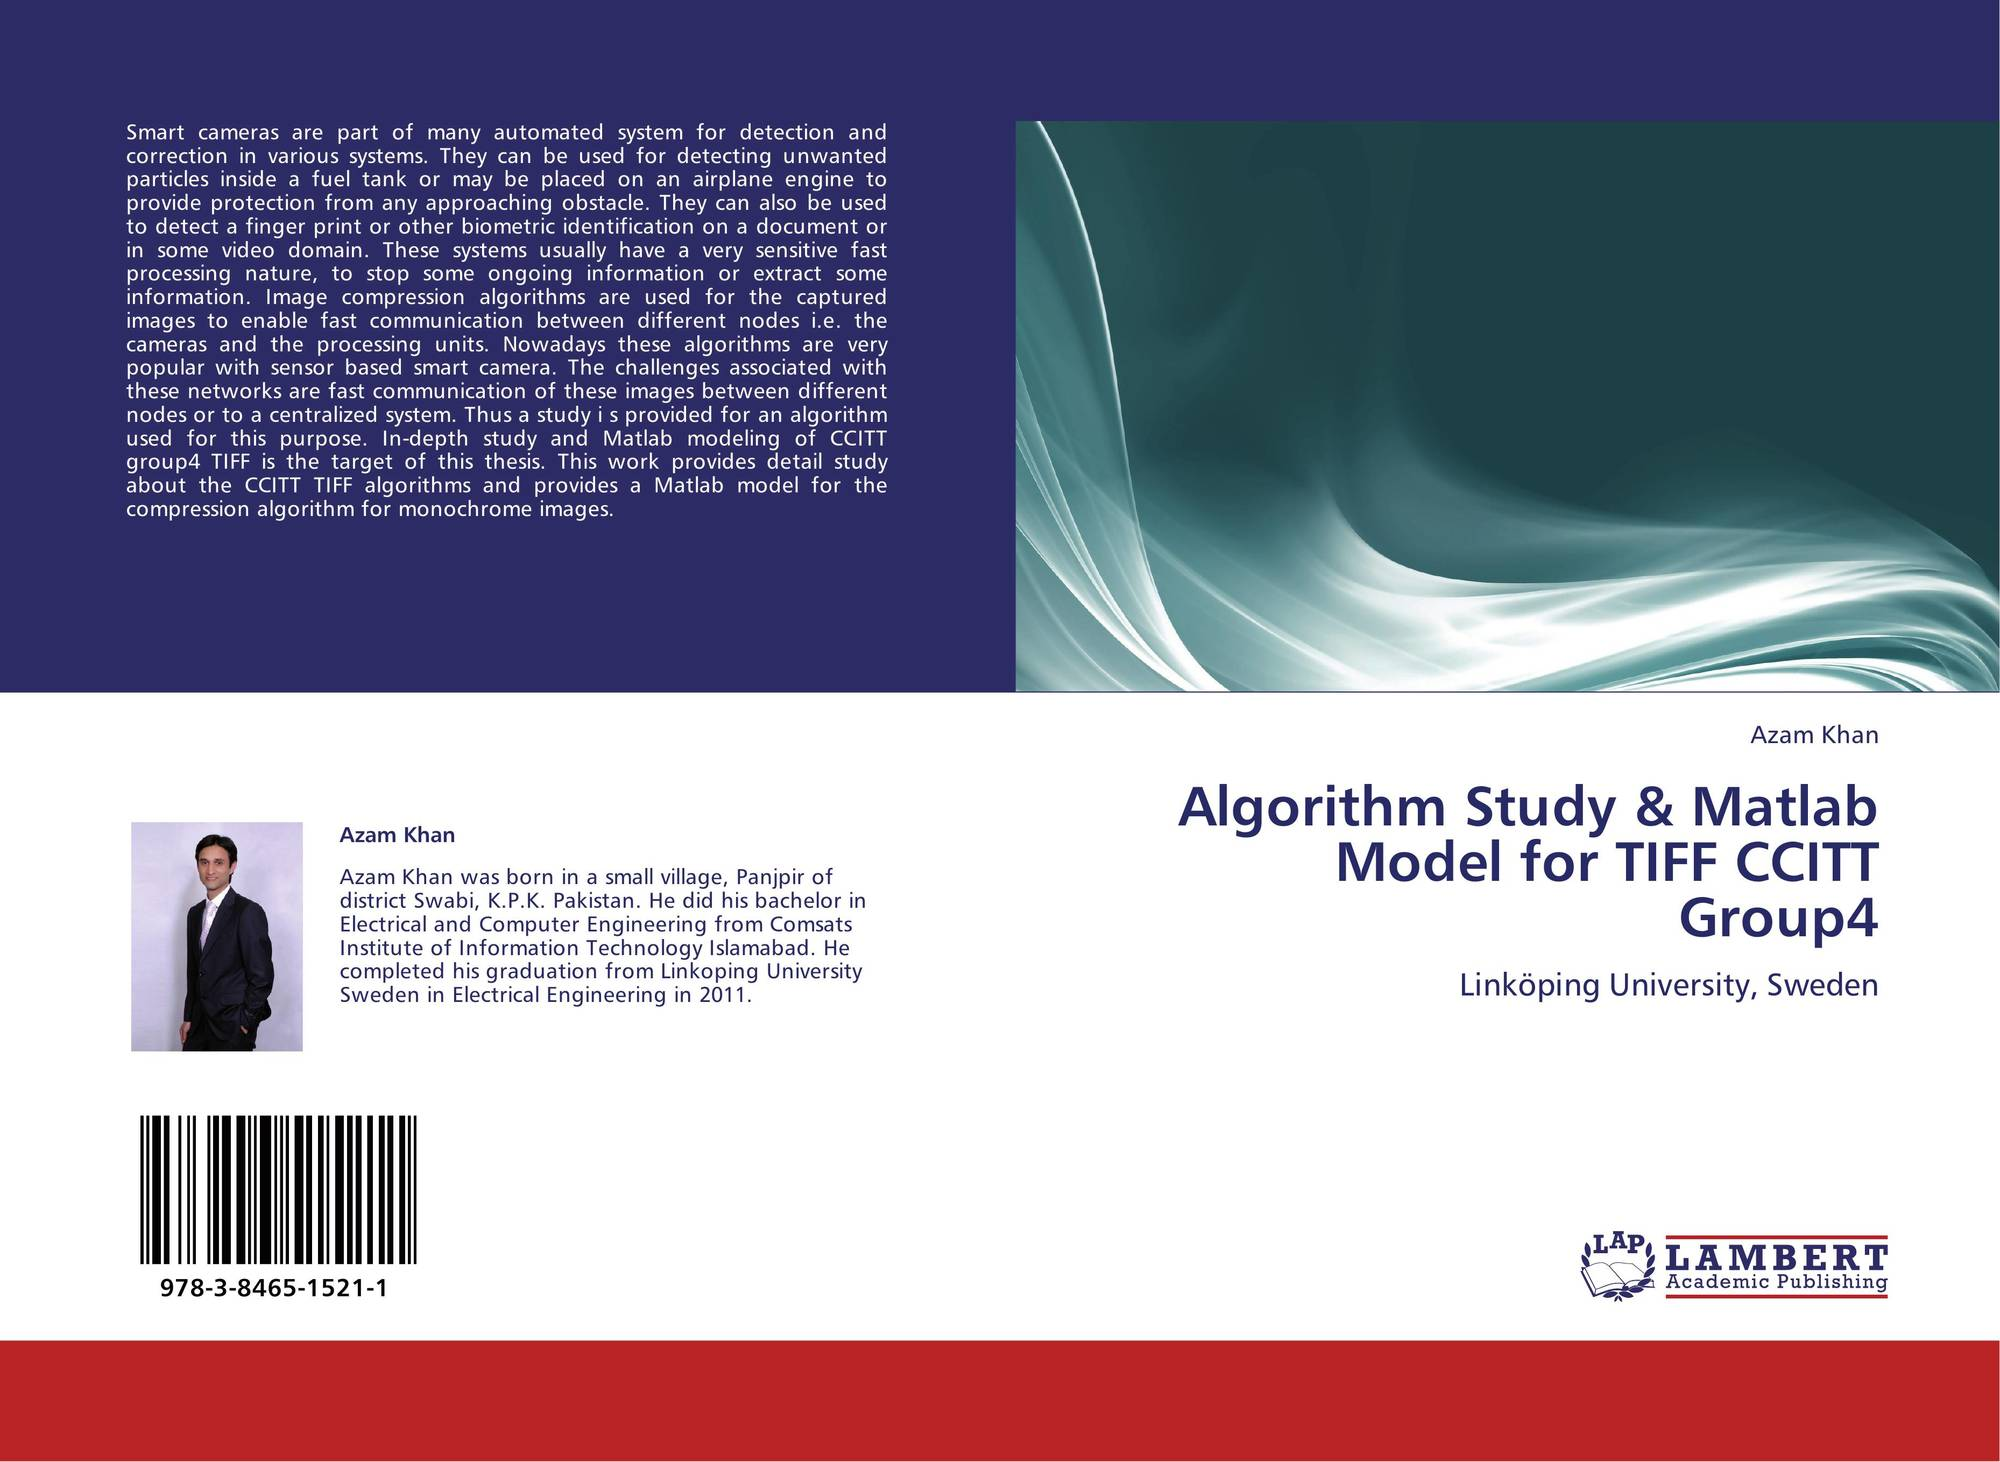 Algorithm Study & Matlab Model for TIFF CCITT Group4, 978-3-8465